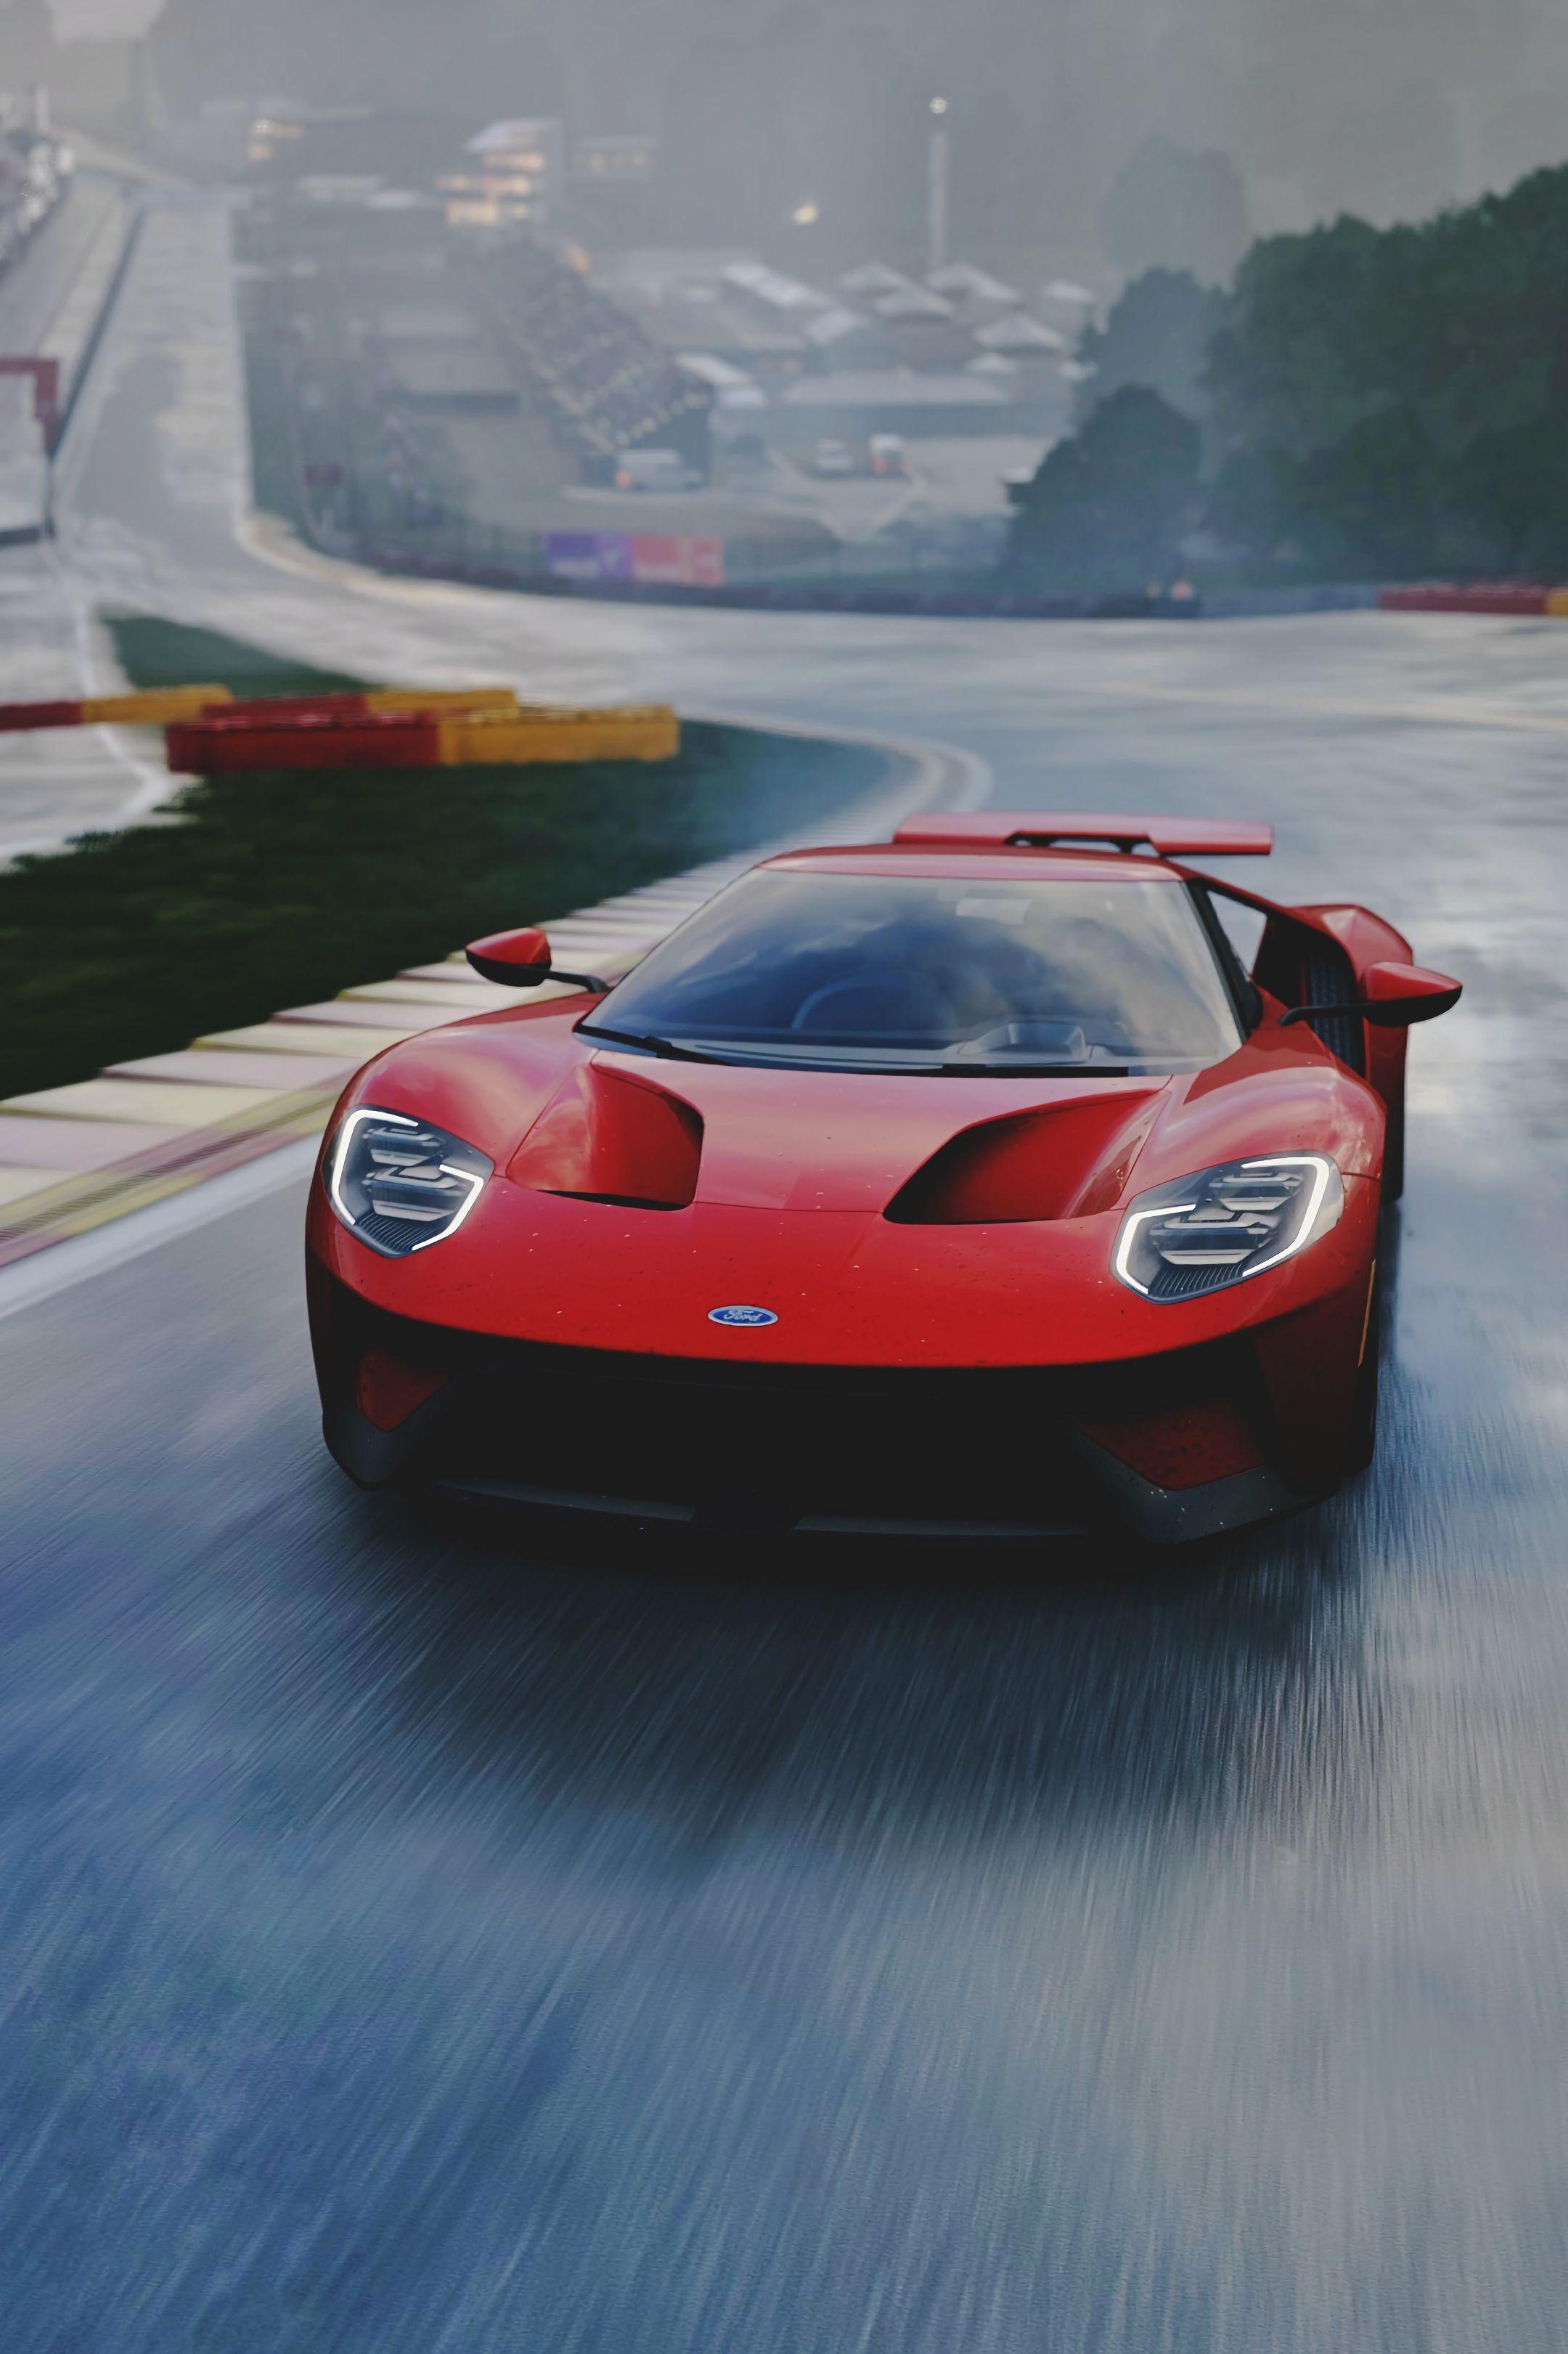 123828 Hintergrundbild herunterladen Ford, Sport, Cars, Vorderansicht, Frontansicht, Sportwagen, Supersportwagen, Ford Gt - Bildschirmschoner und Bilder kostenlos